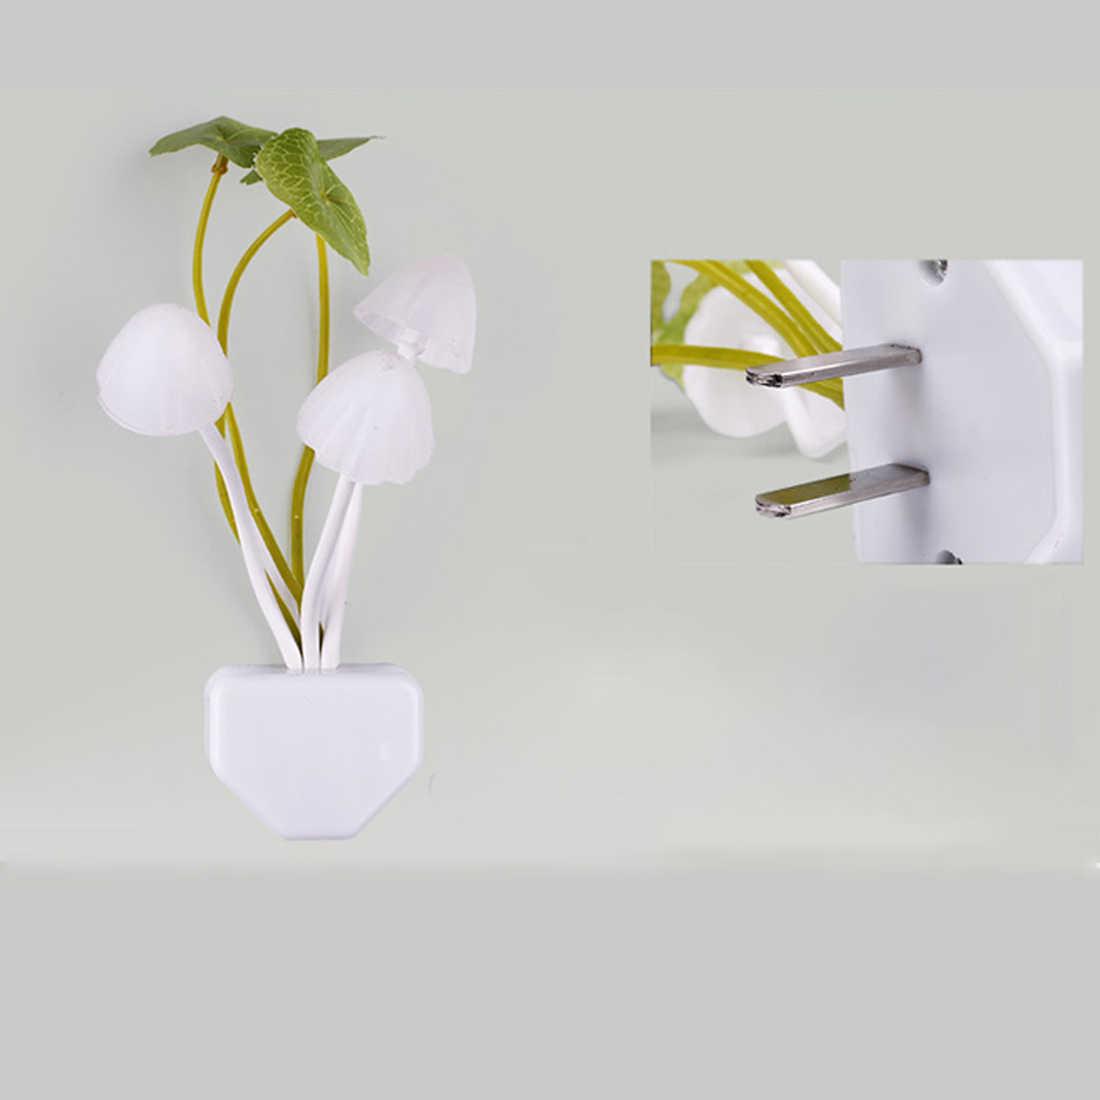 Светодиодный грибовидный декоративный ночник с датчиком, лампа для ЕС, США, для детей, новинка, беспроводной настенный ночник-прожектор